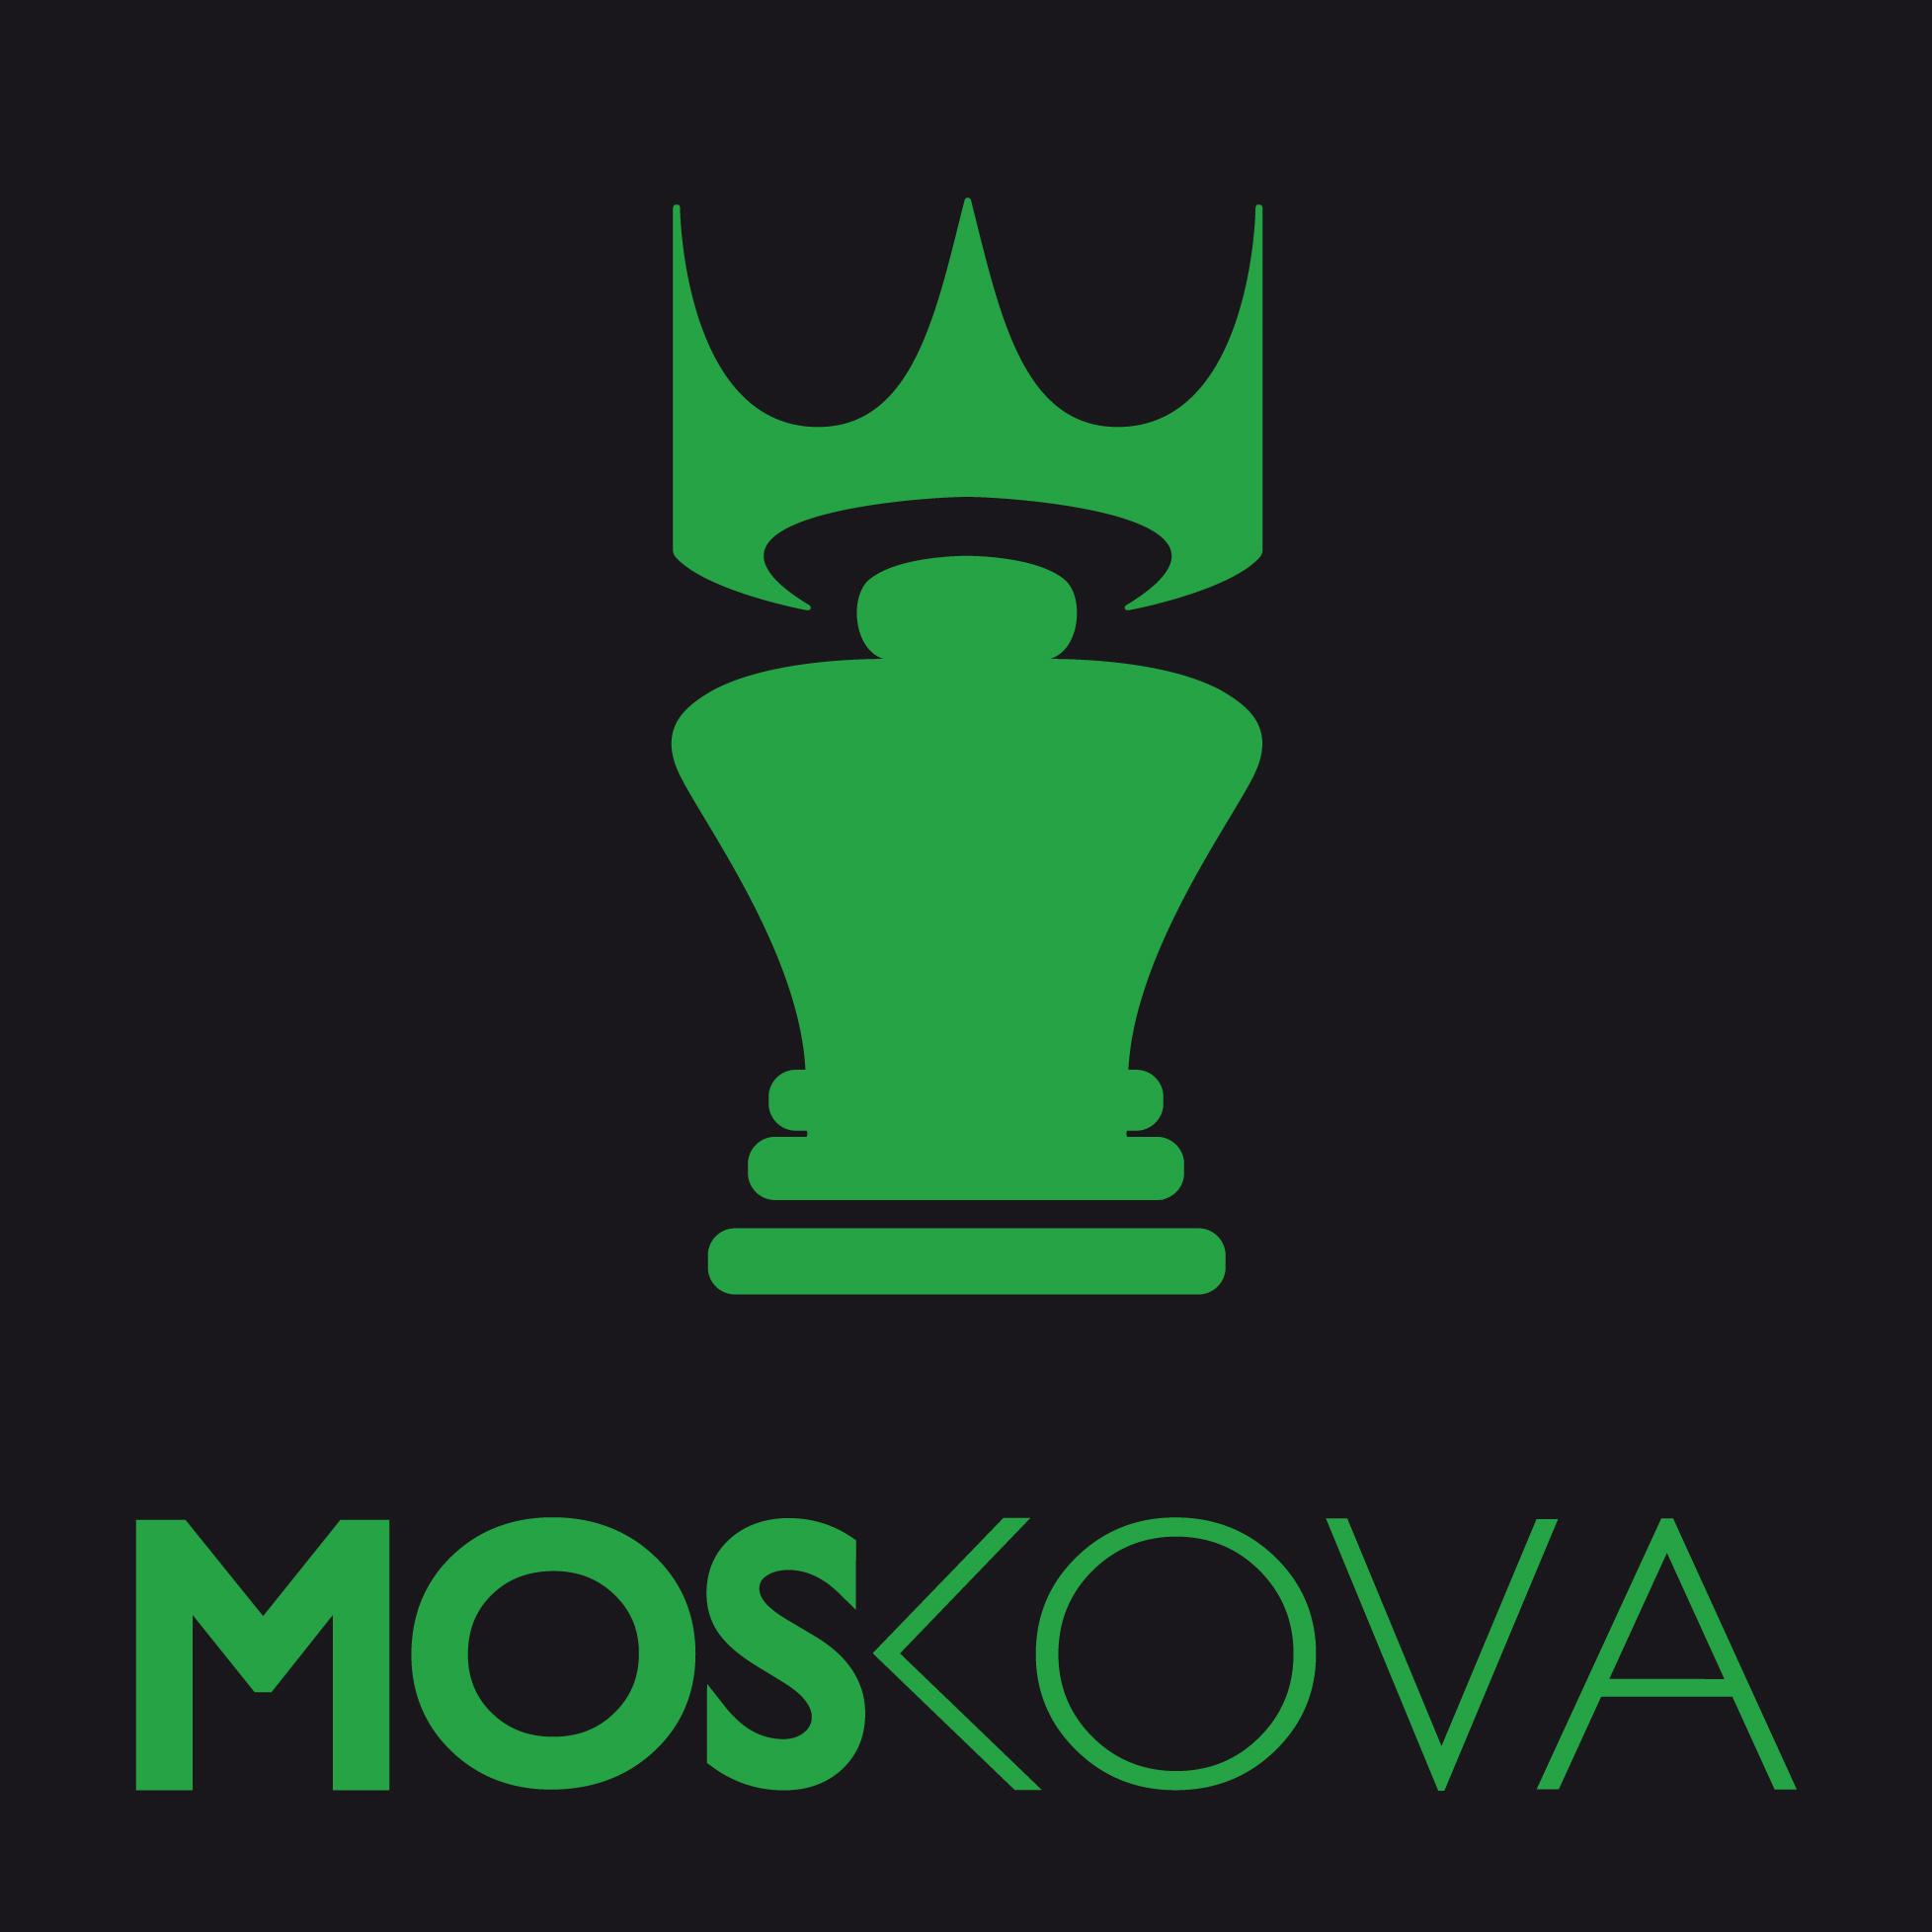 Description moskova